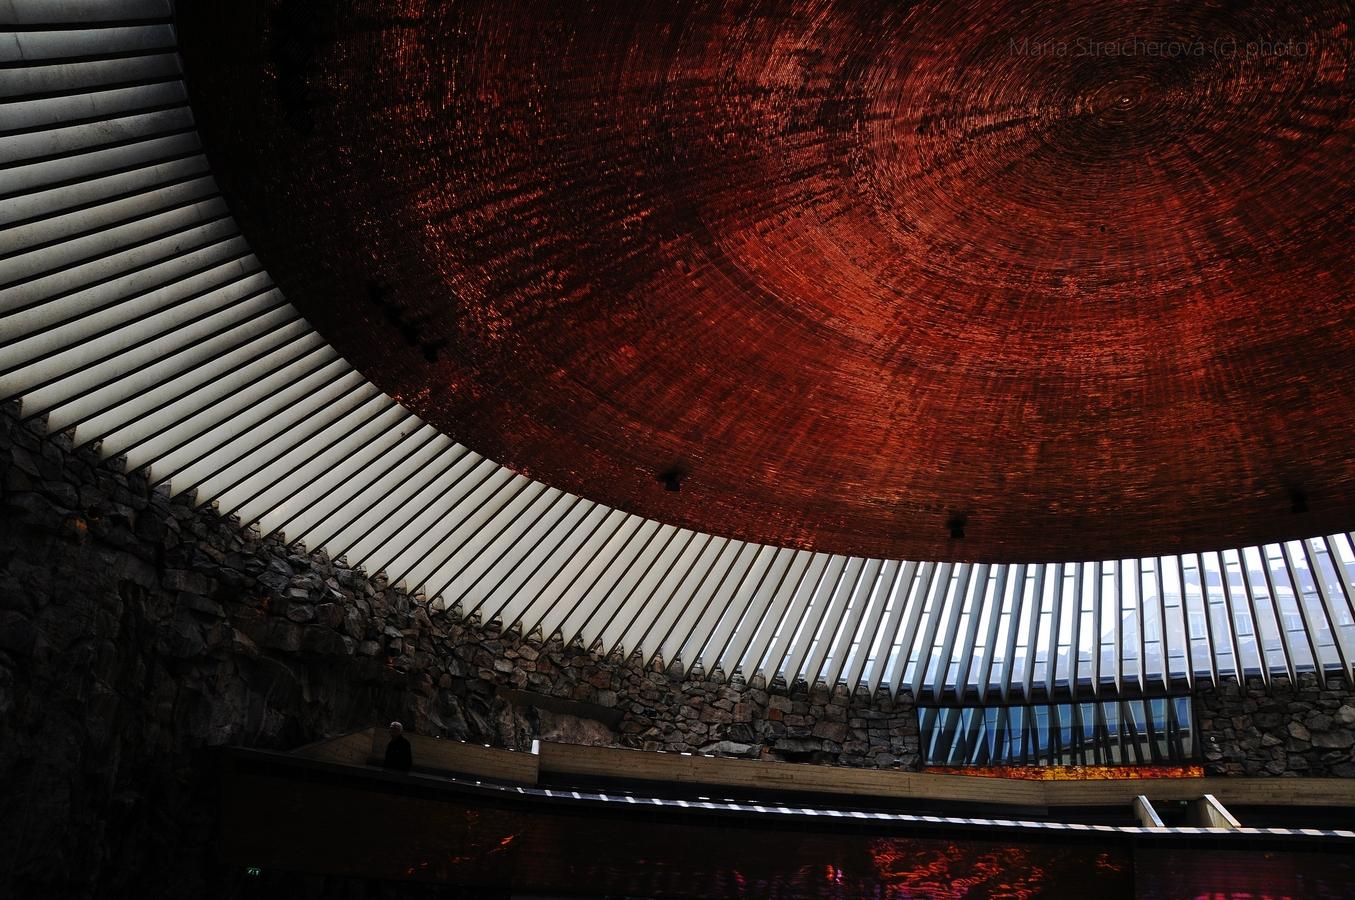 Medený strop, podstropné svetlíky a chórus kostola Temppeliaukio v Helsinkách.